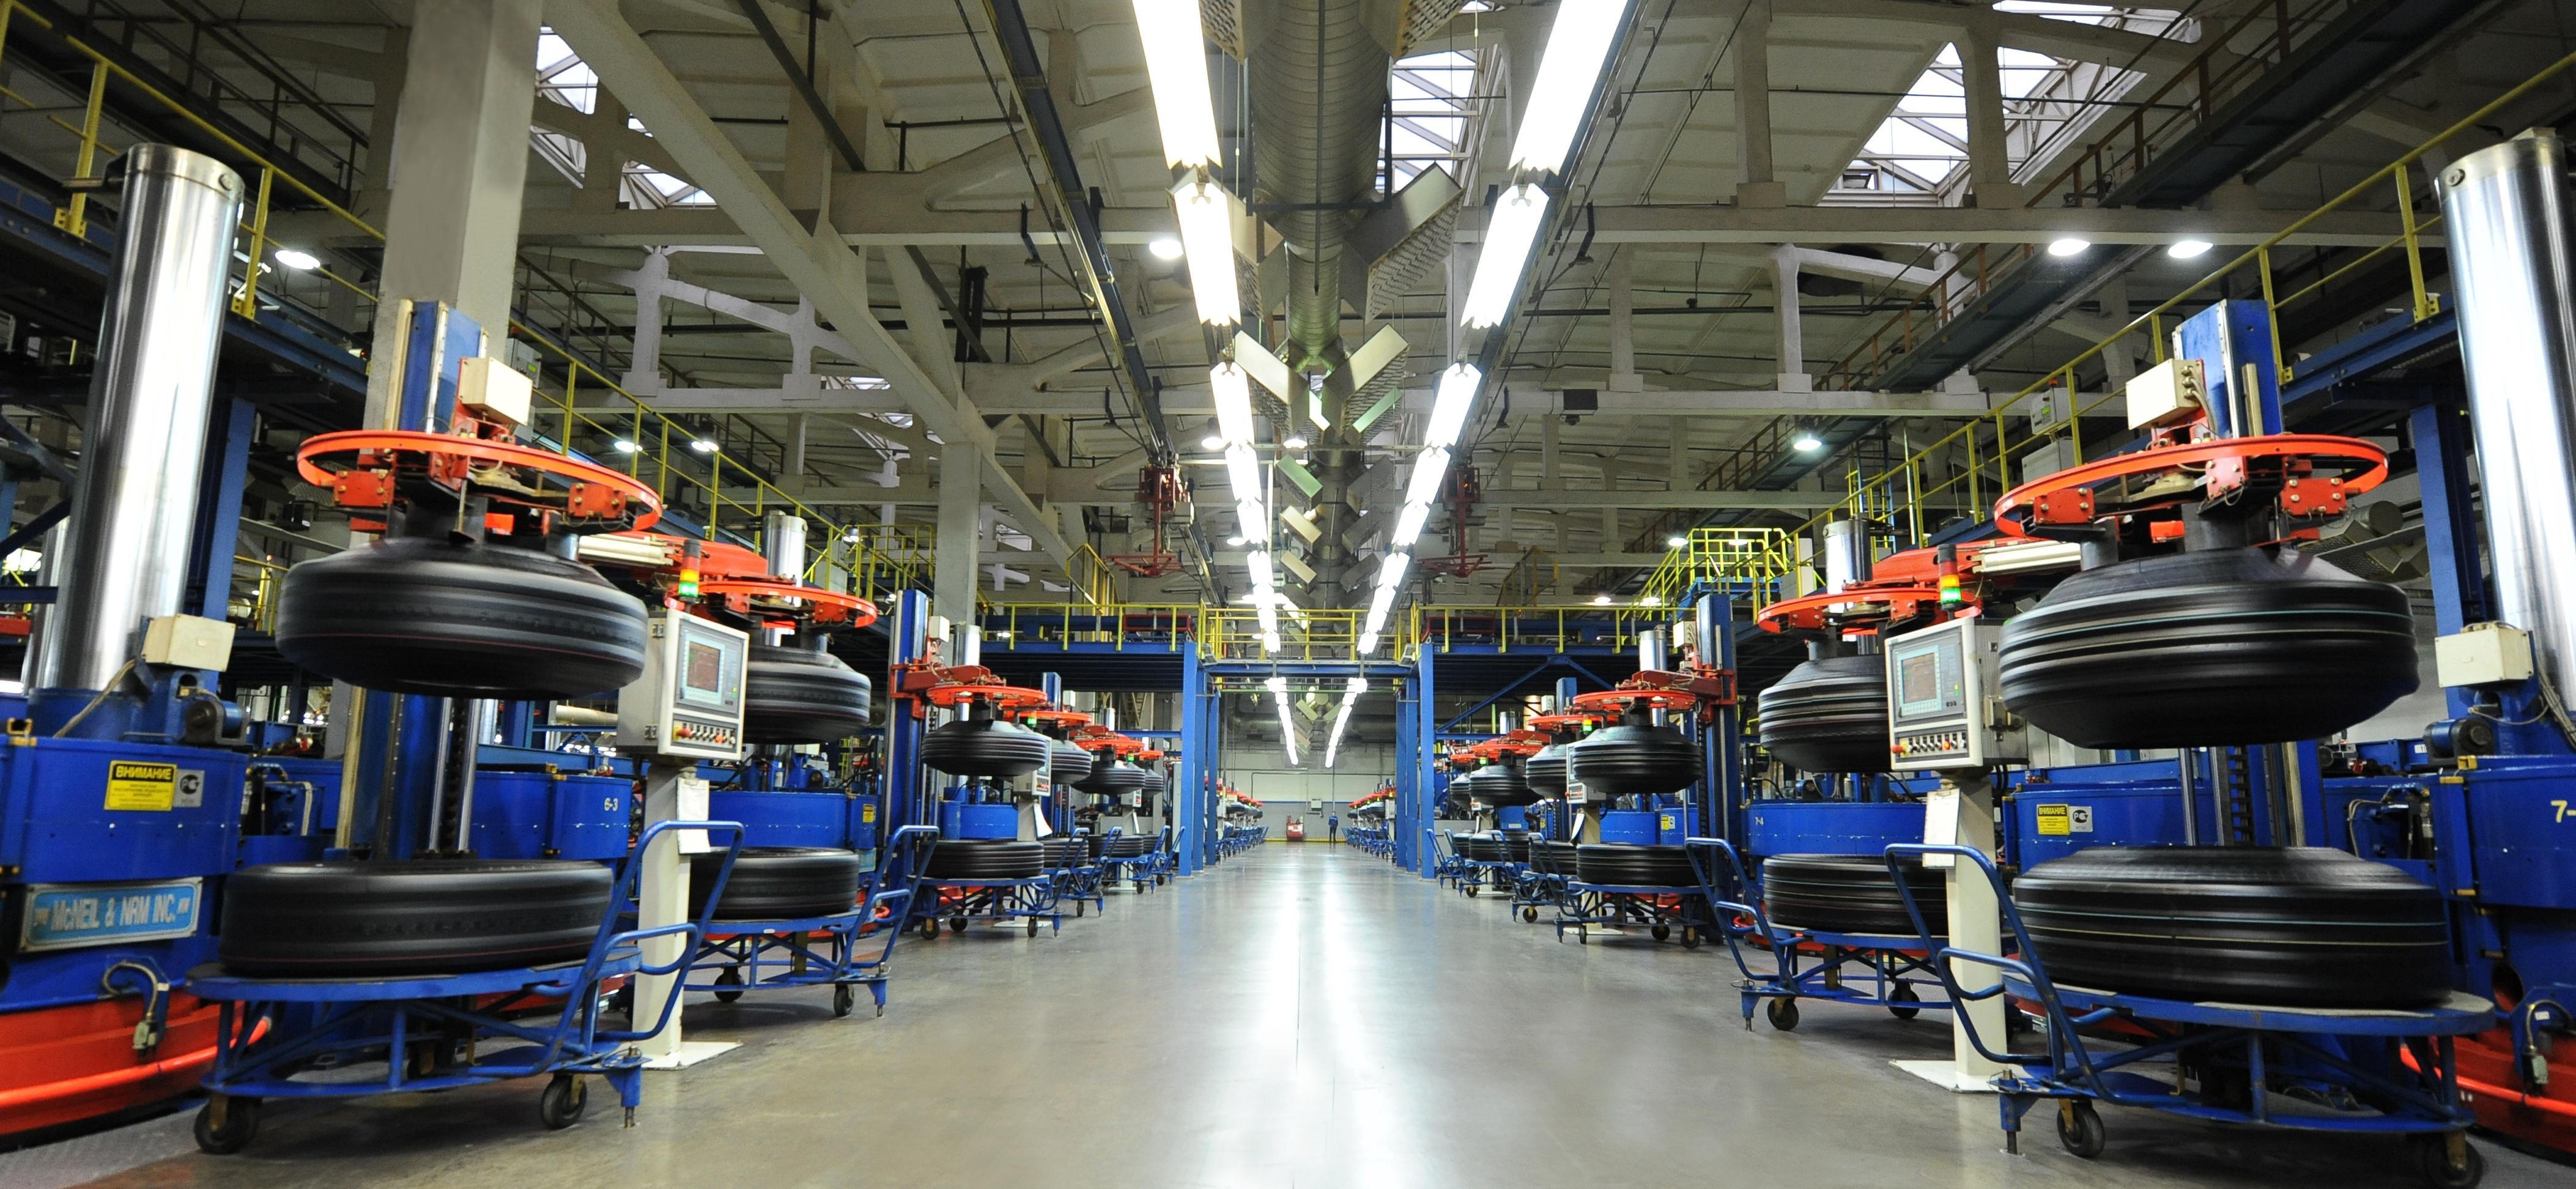 Kaspersky встанет на защиту промышленной инфраструктуры компании Kama Tyres